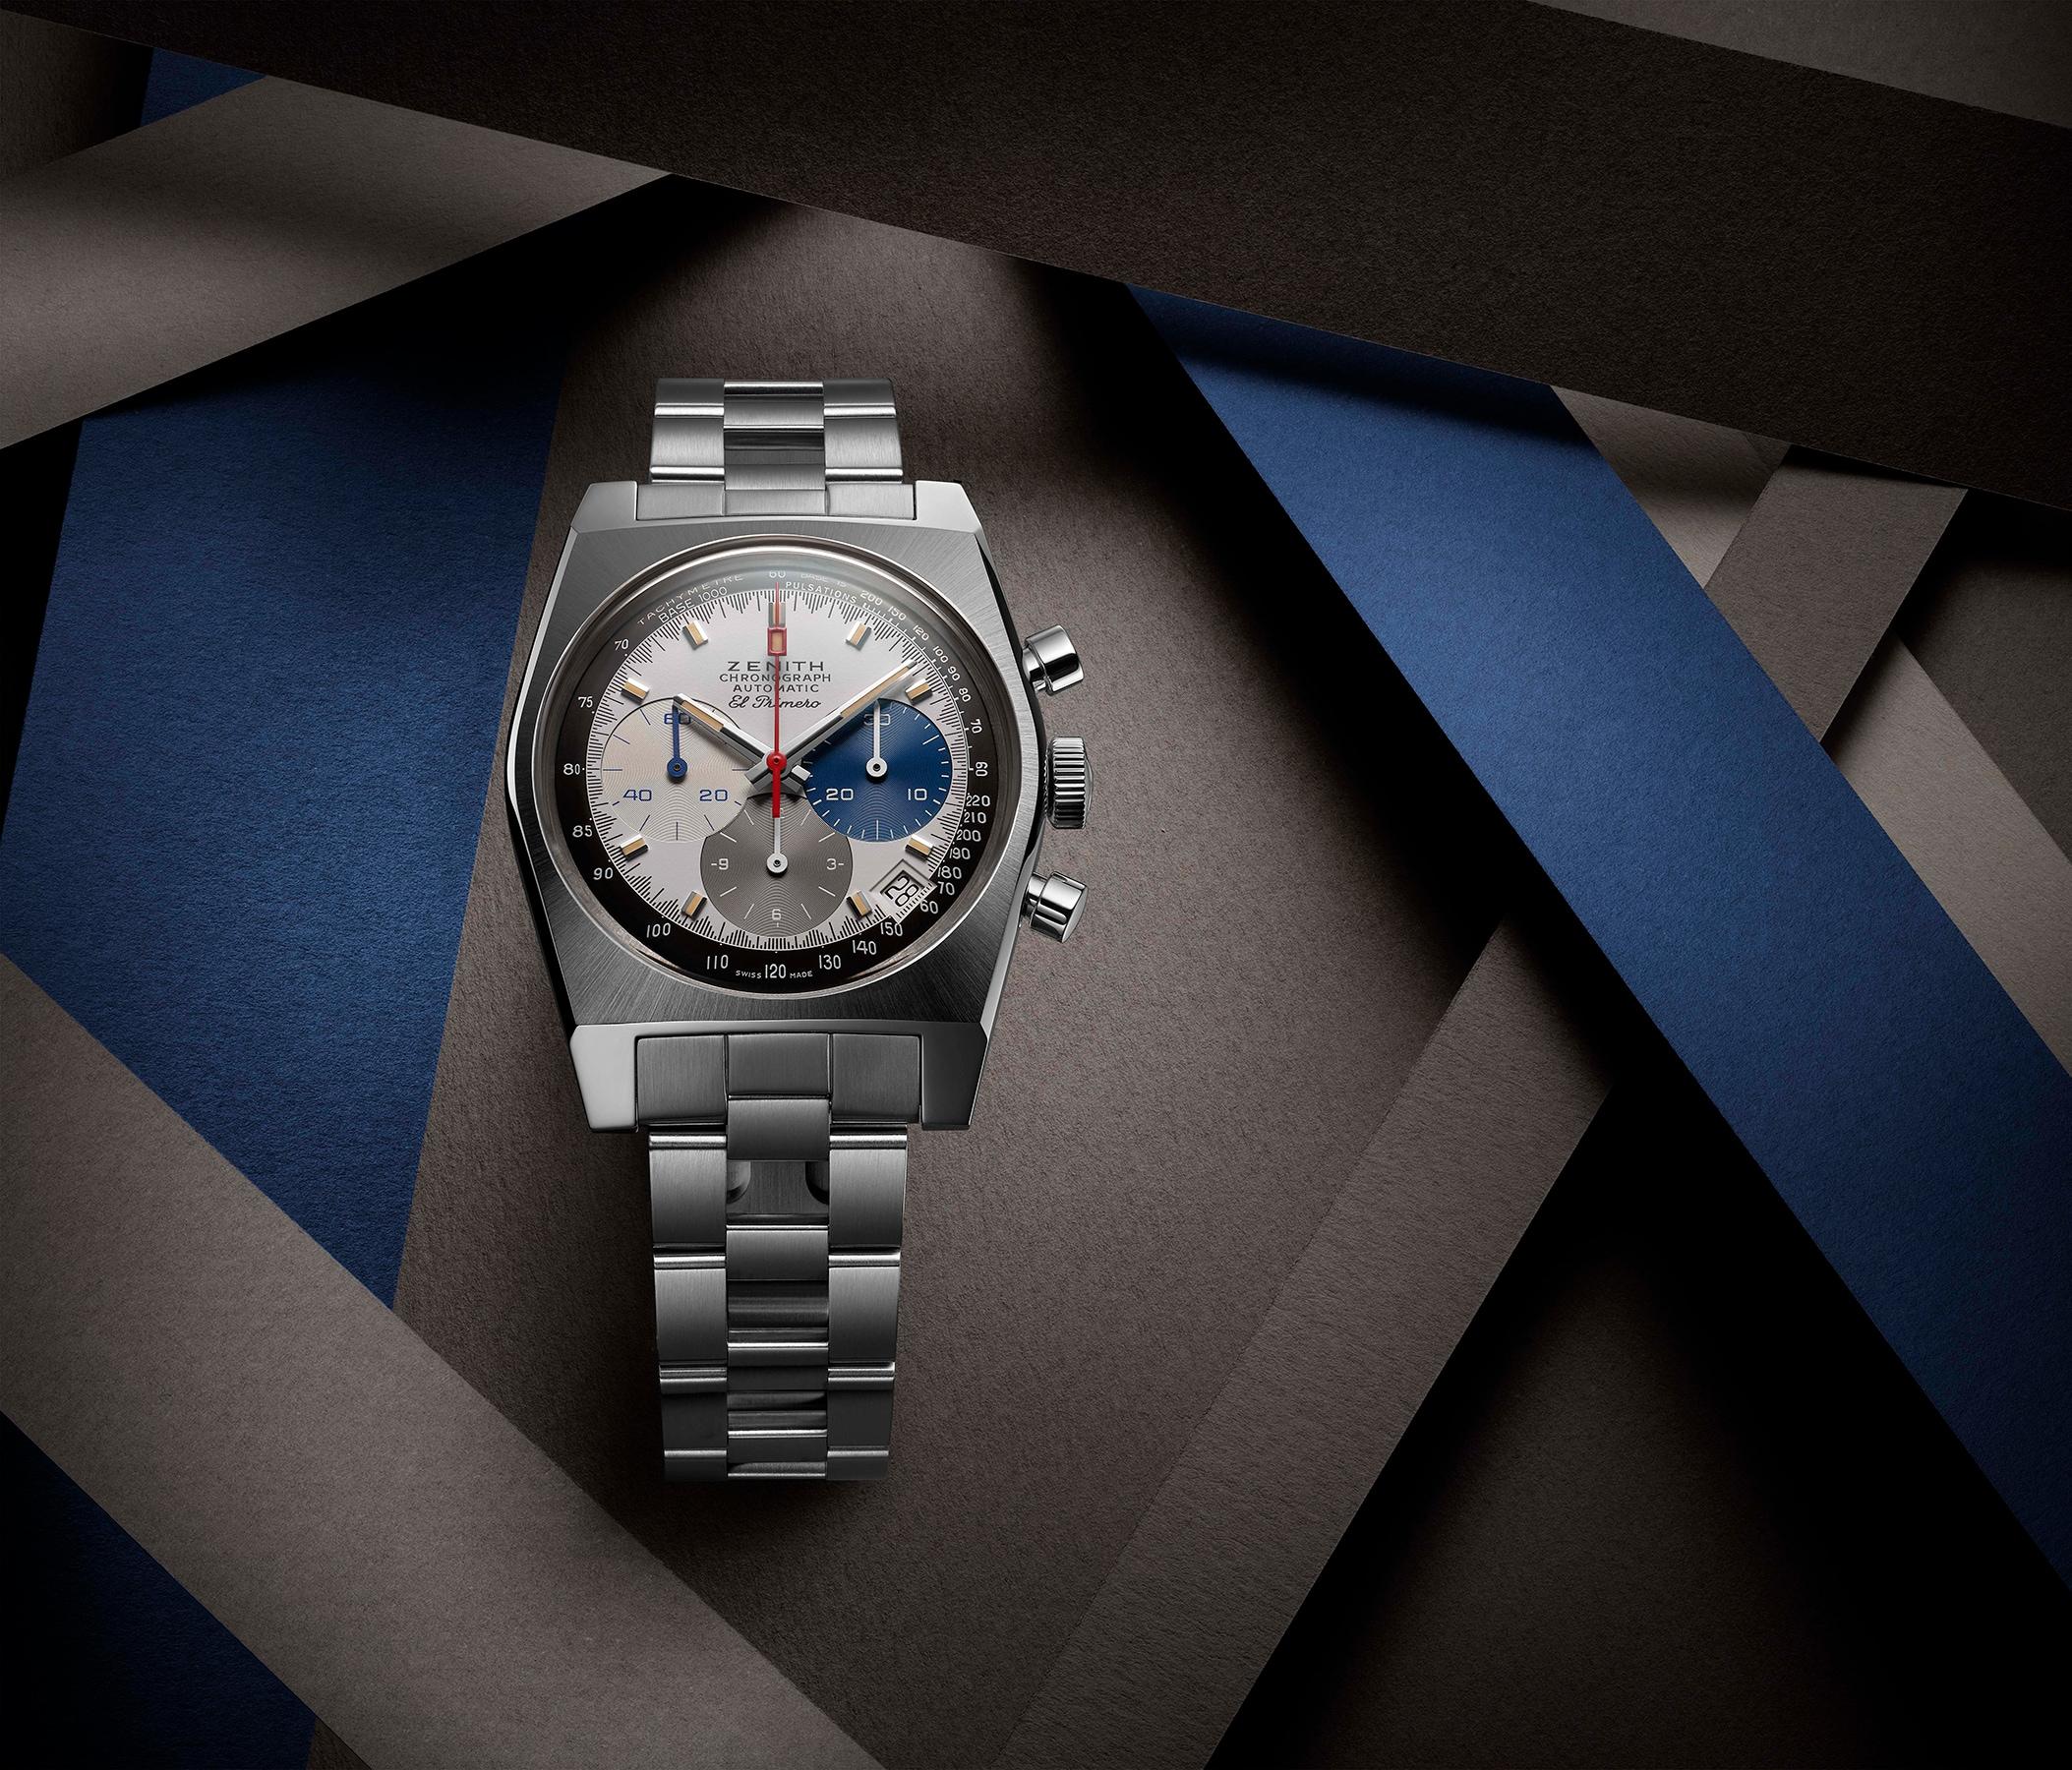 Adquirir un reloj